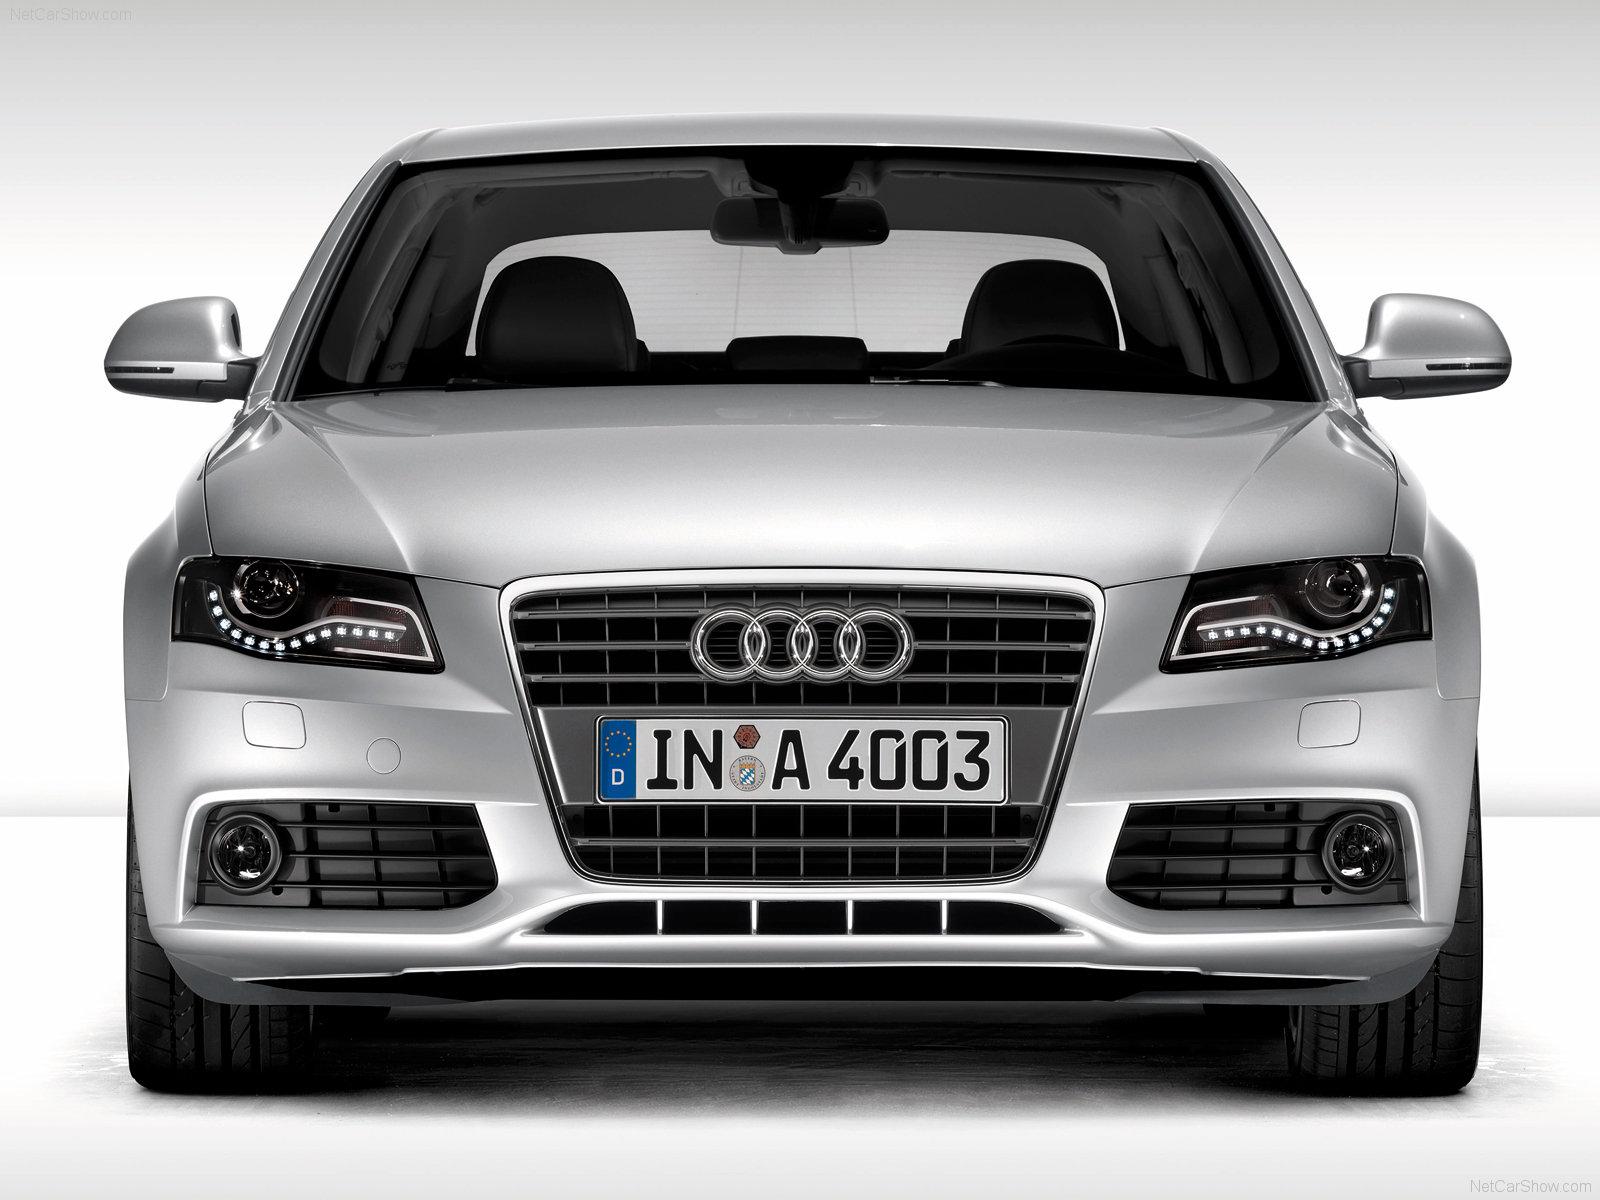 Audi-A4_2008_1600x1200_wallpaper_3d